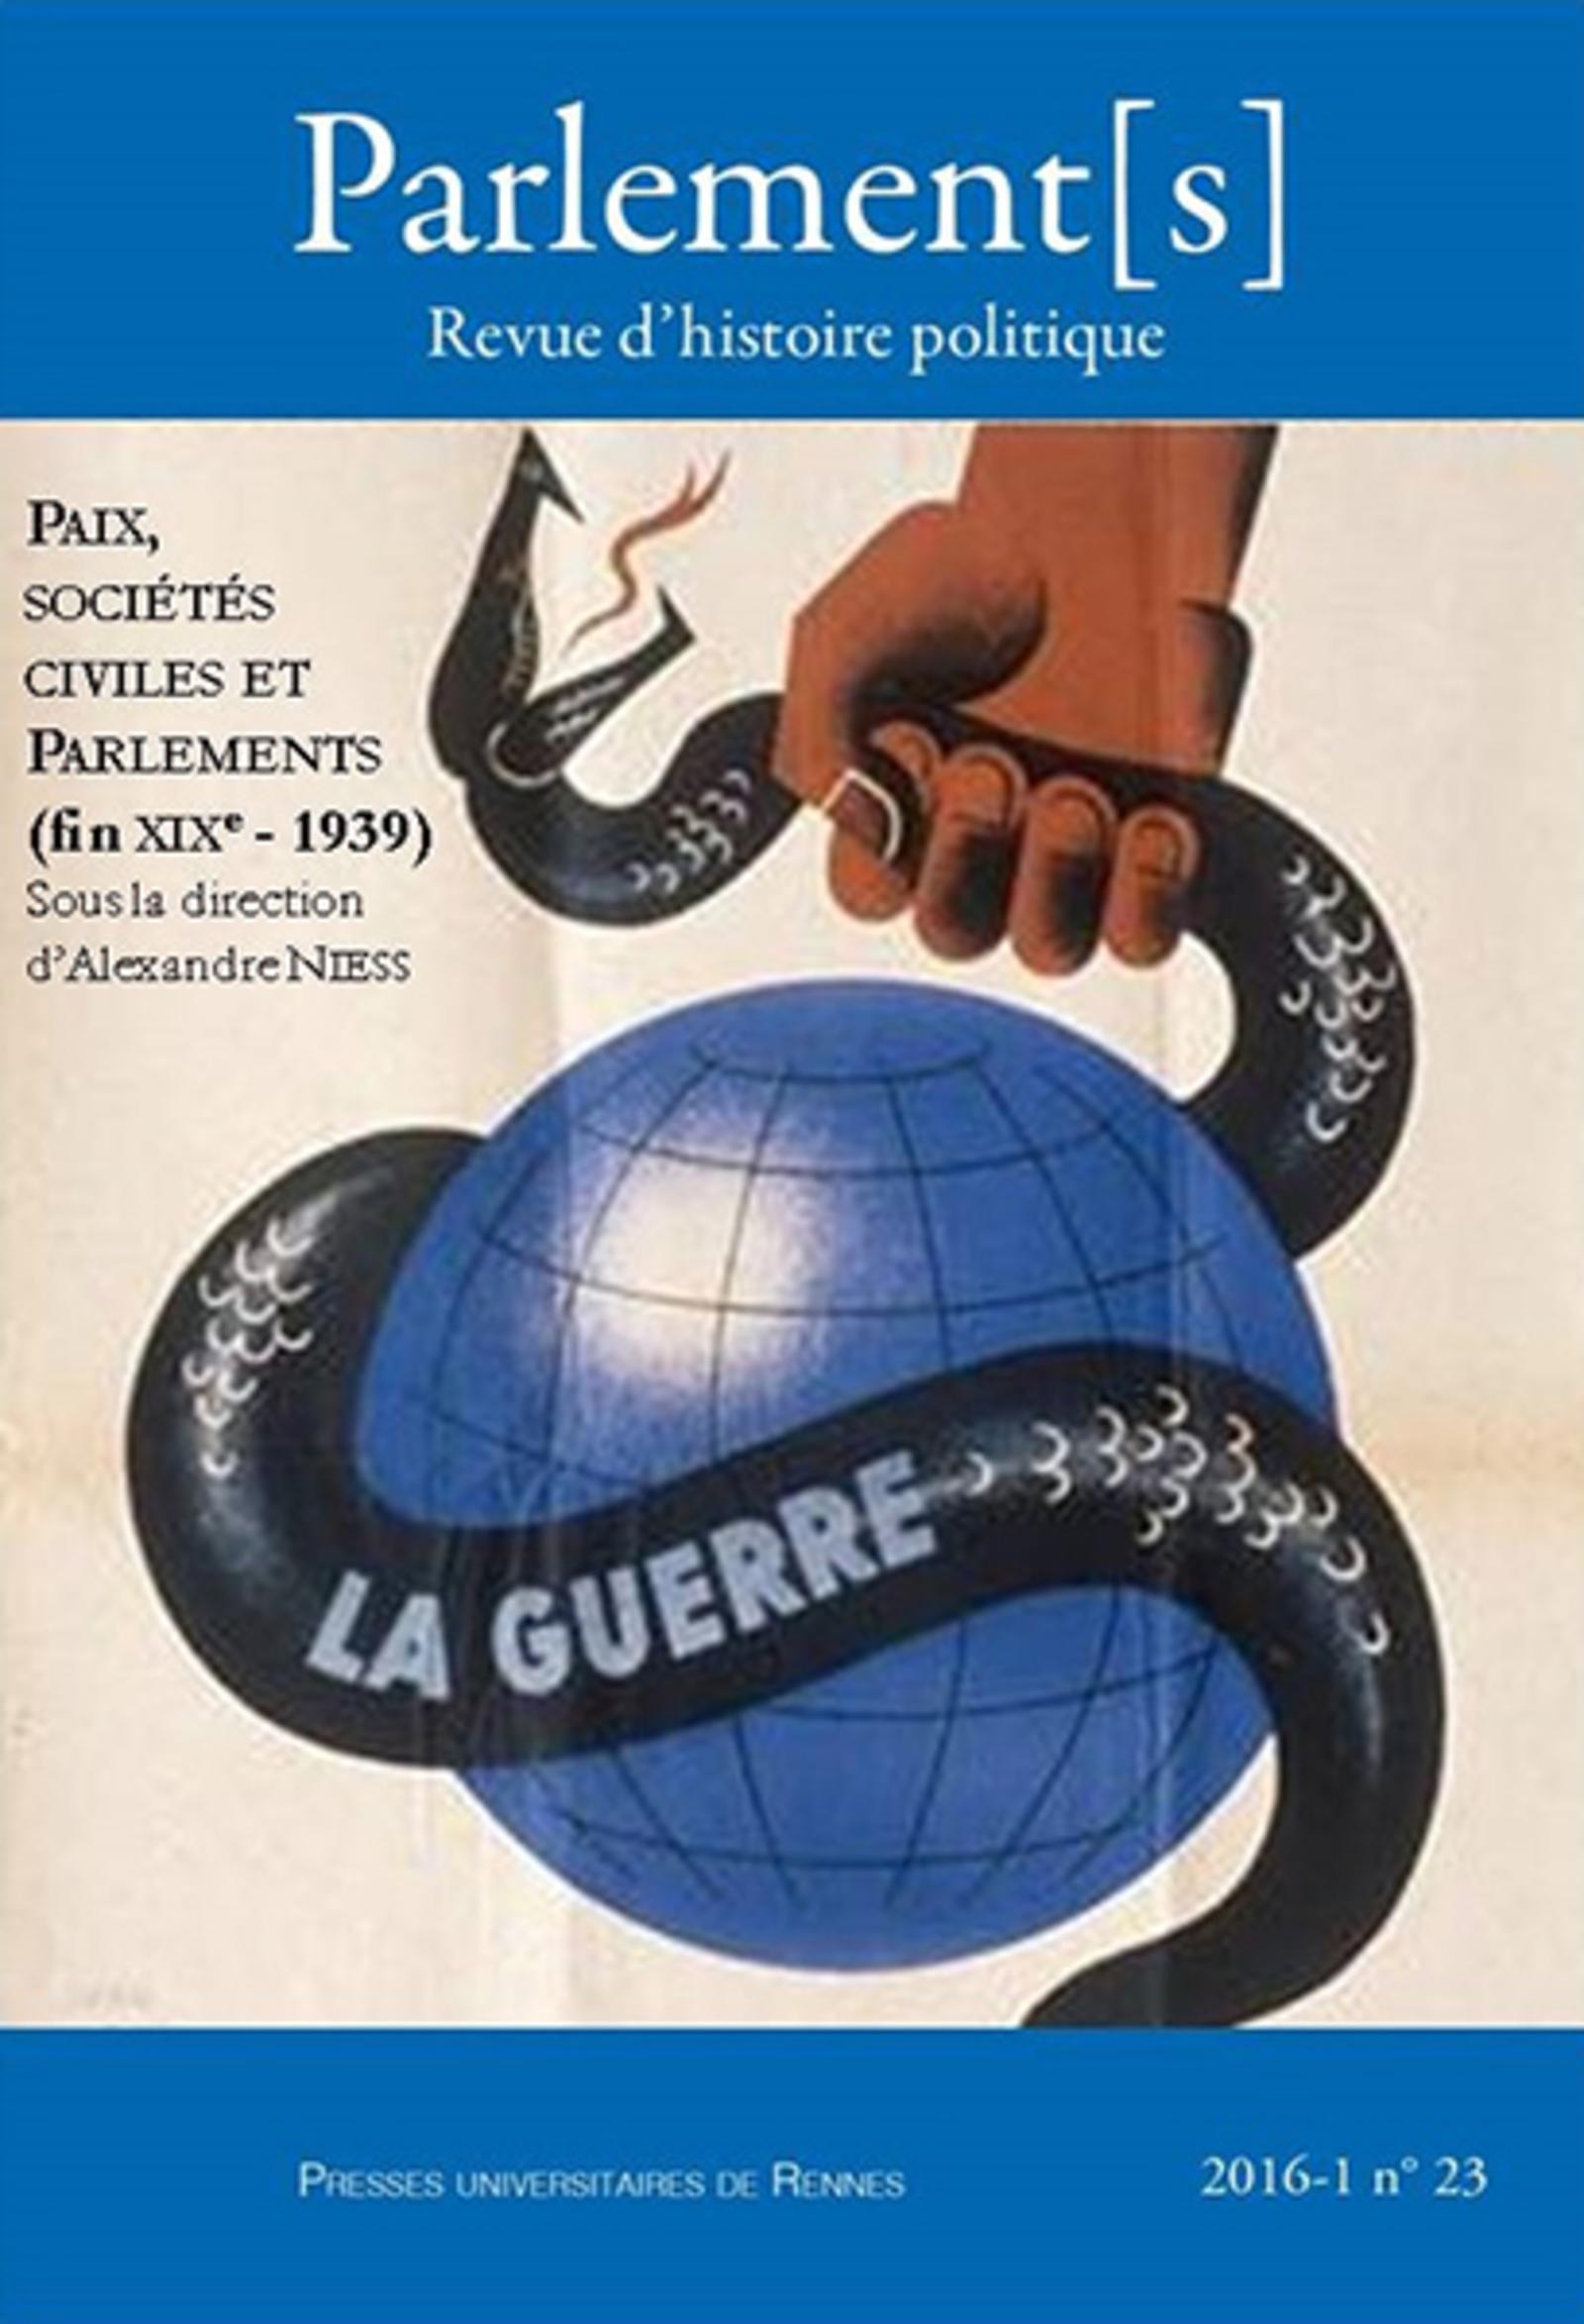 PAIX  SOCIETES CIVILES ET PARLEMENTS  FIN XIXE  1939